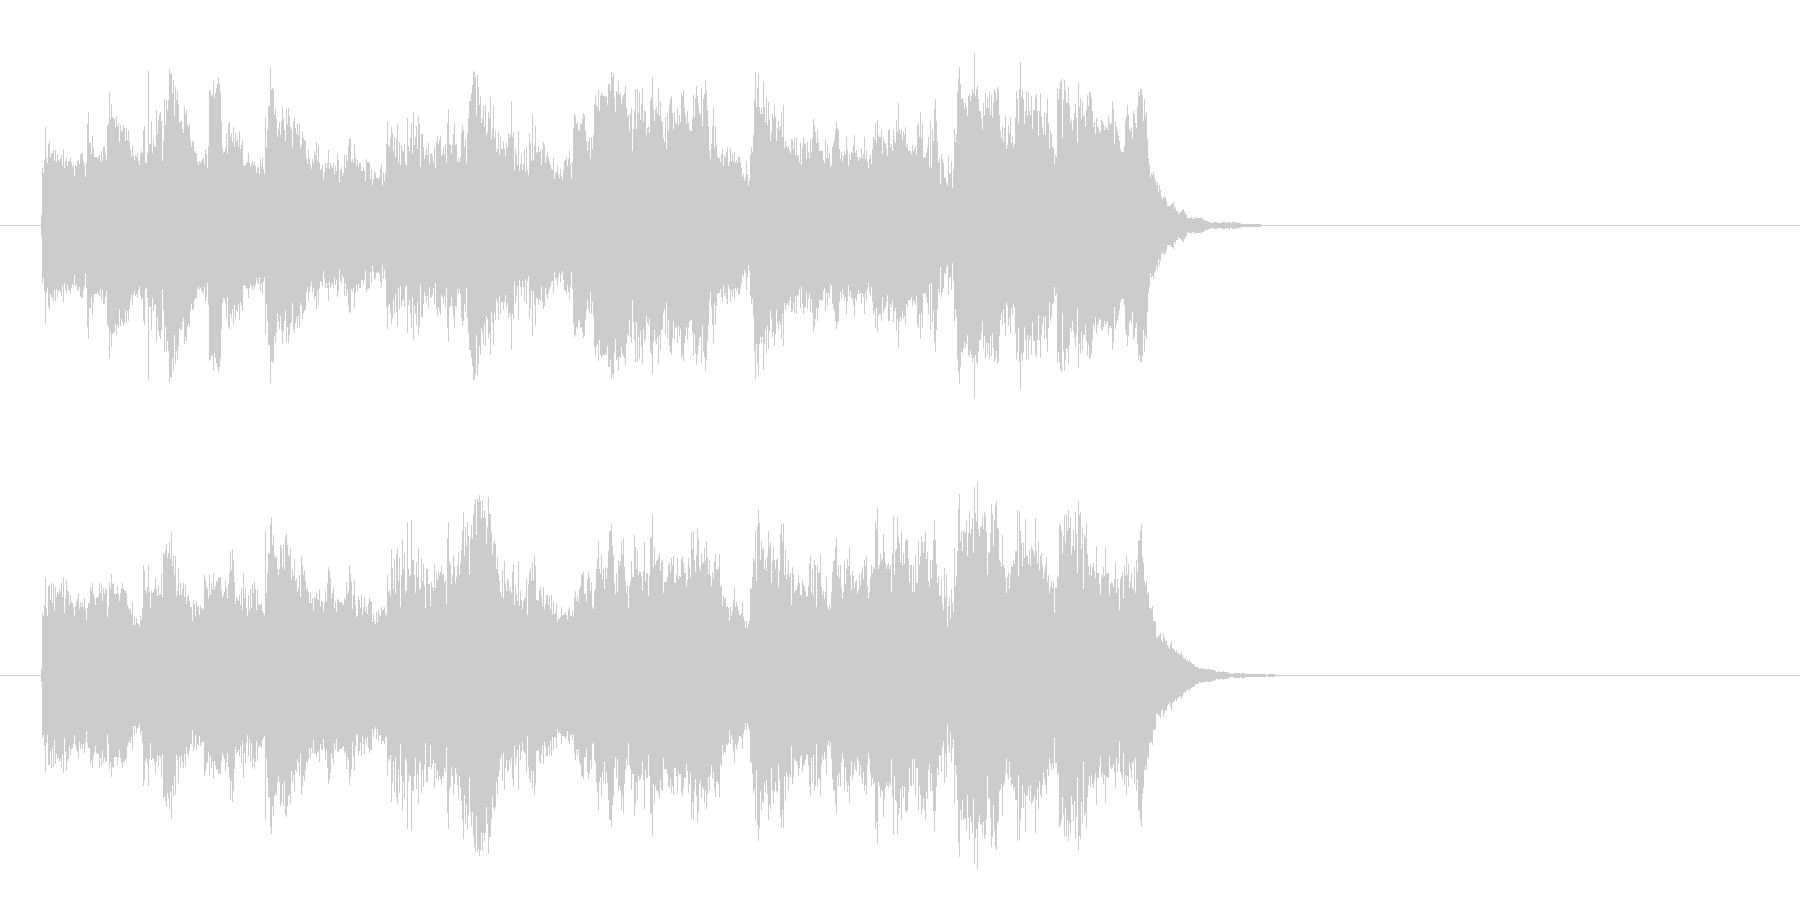 懐かしの歌謡ジャズ風楽曲(イントロ)の未再生の波形